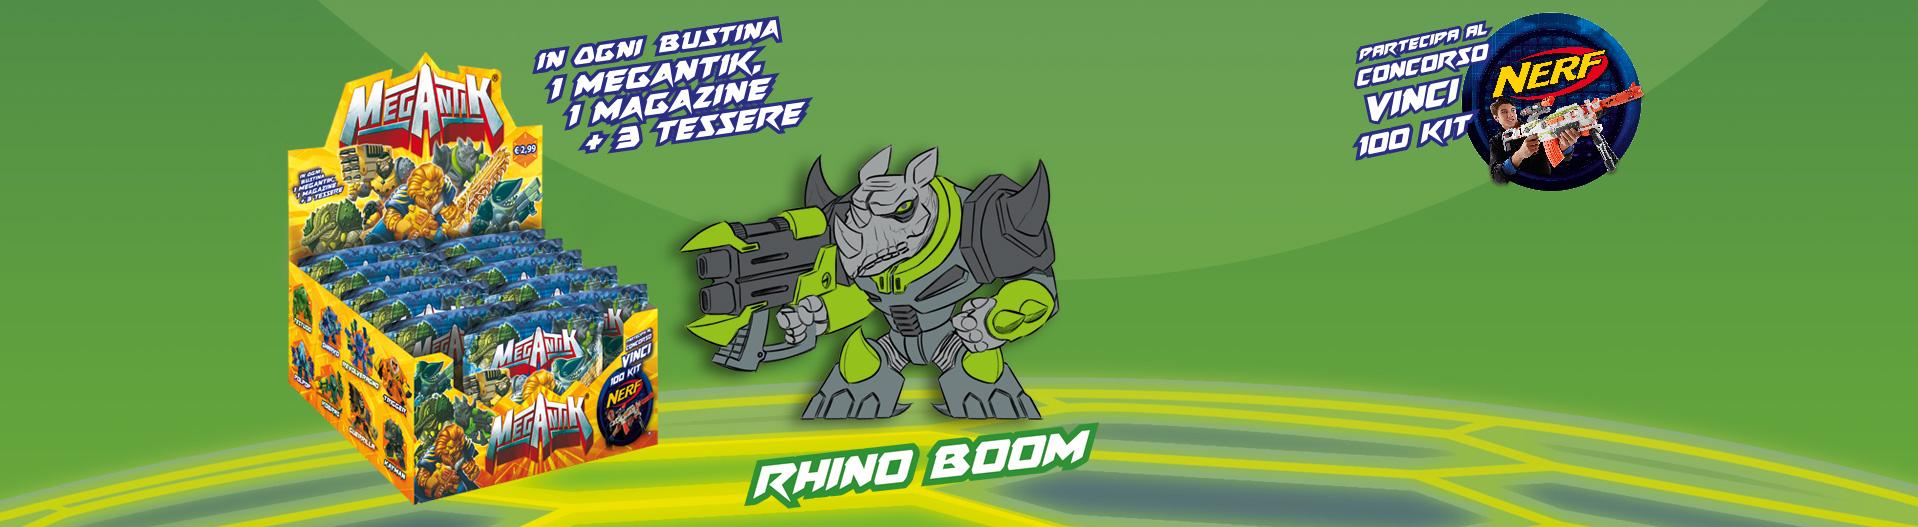 rhino-boom1